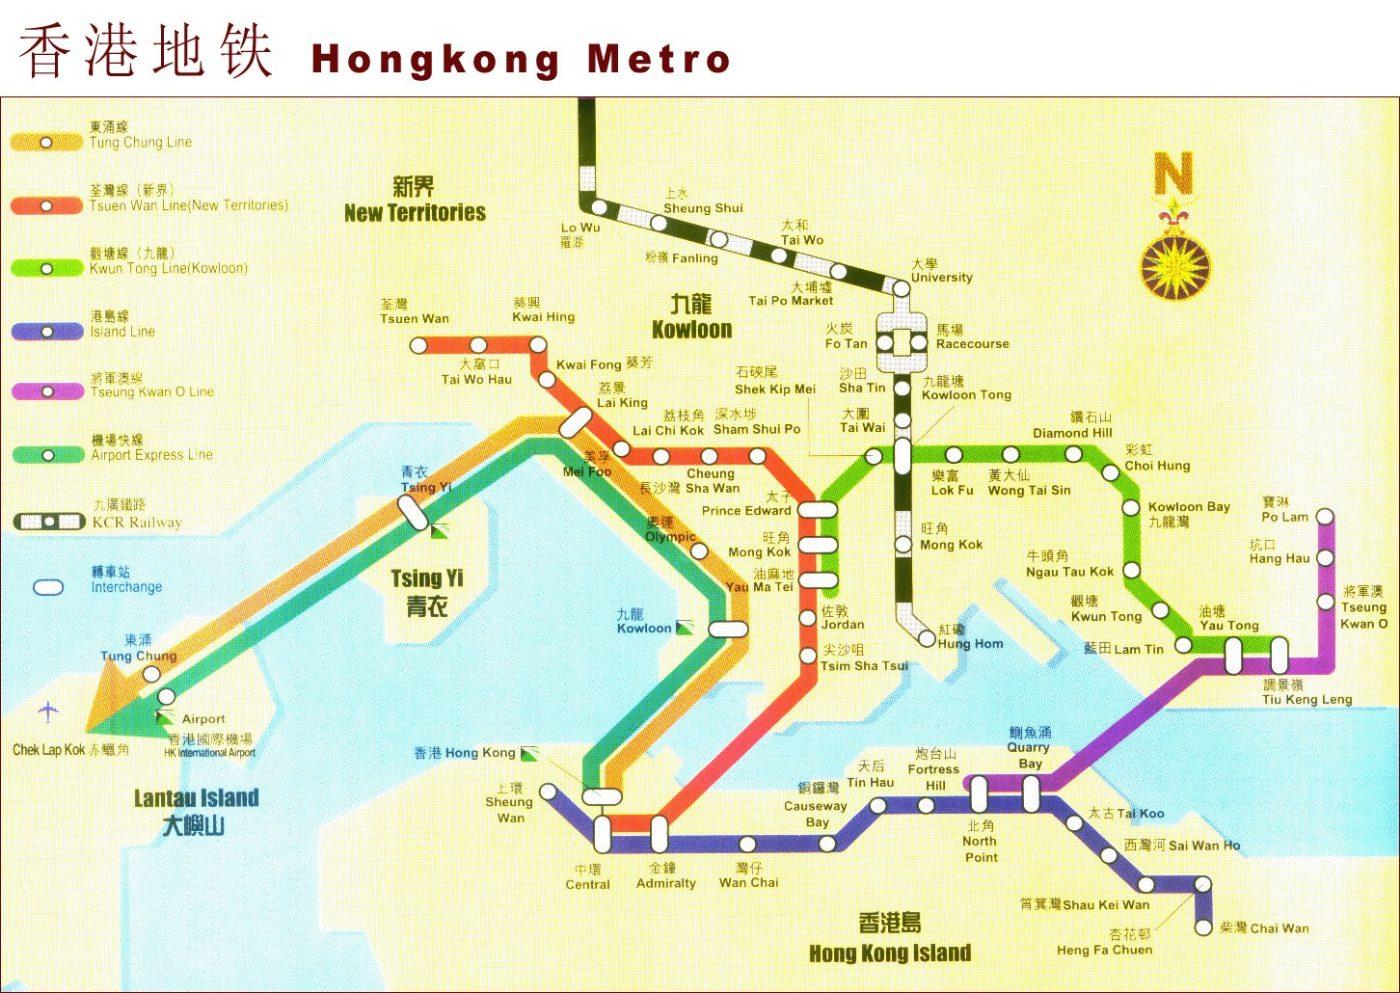 附上香港地铁线路图